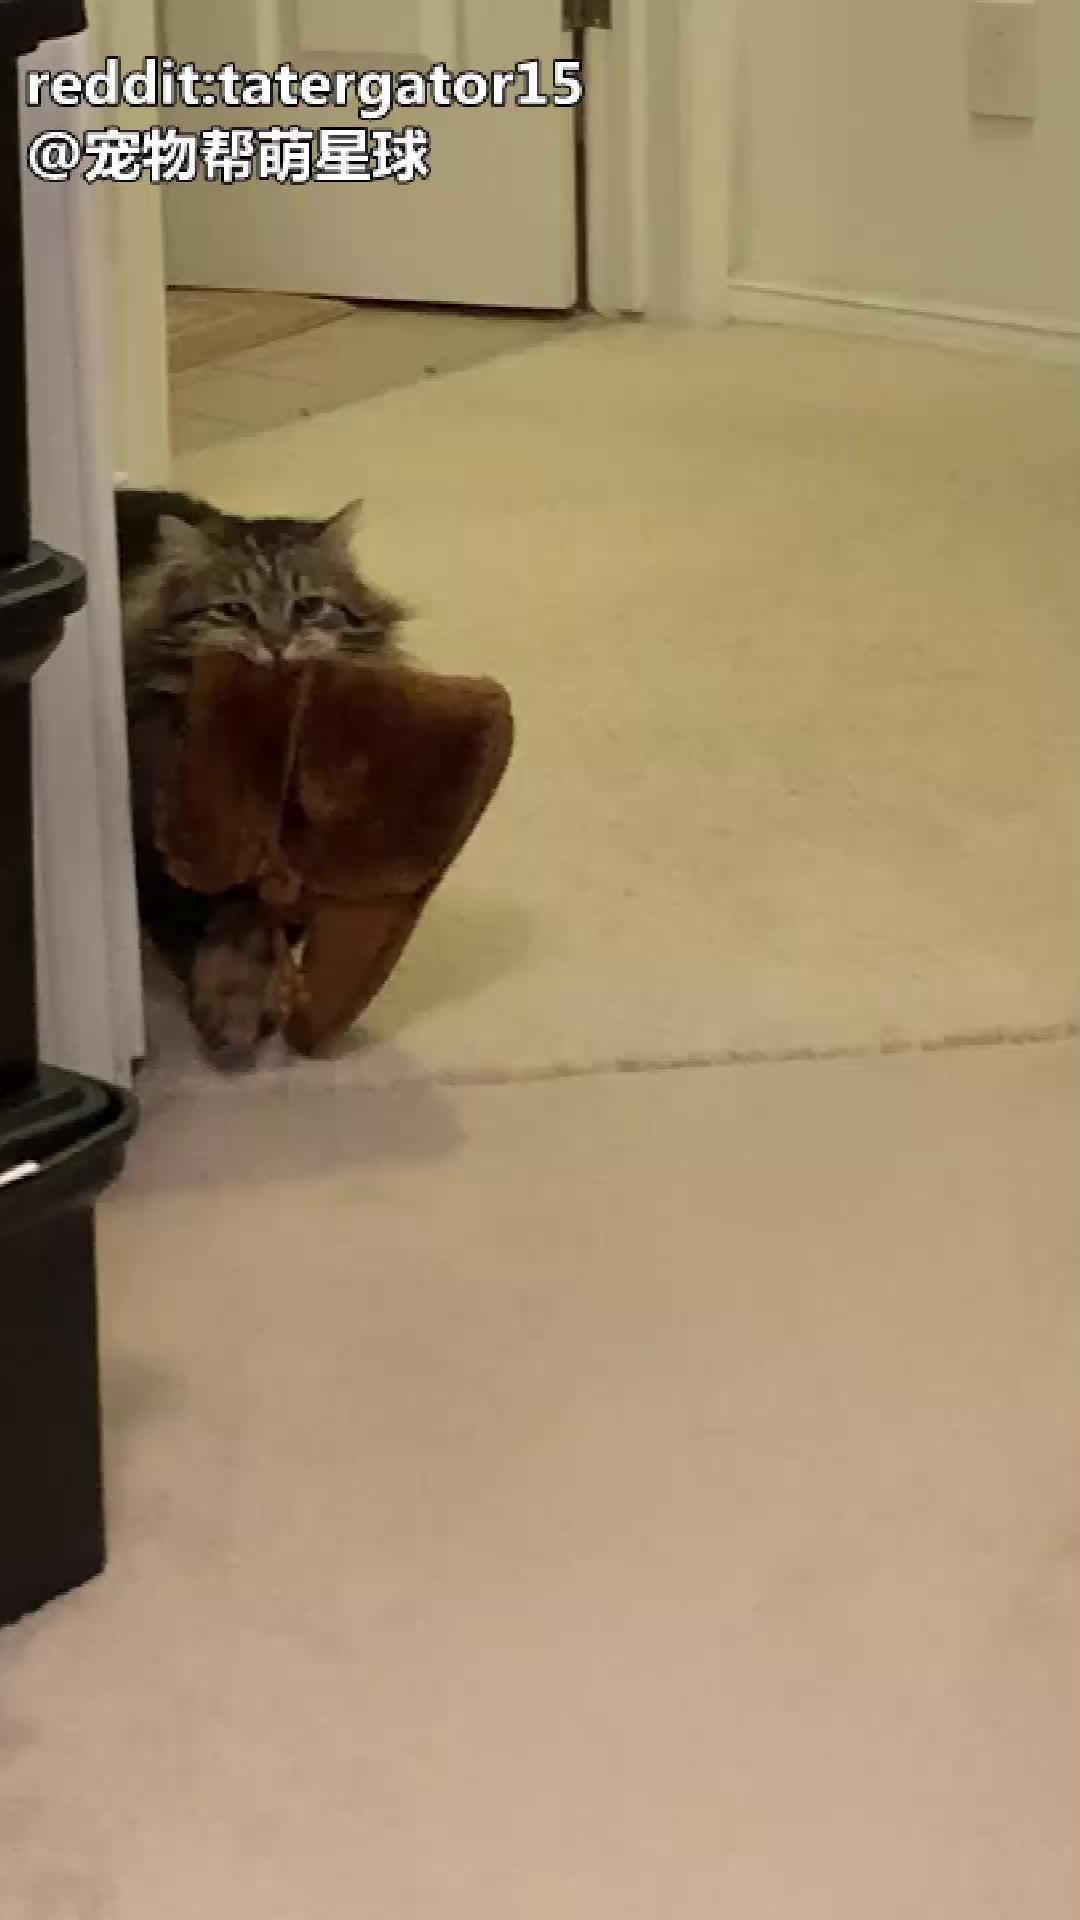 妈妈说,她领养的小猫LuLu每天早上都会把鞋拿过来给她